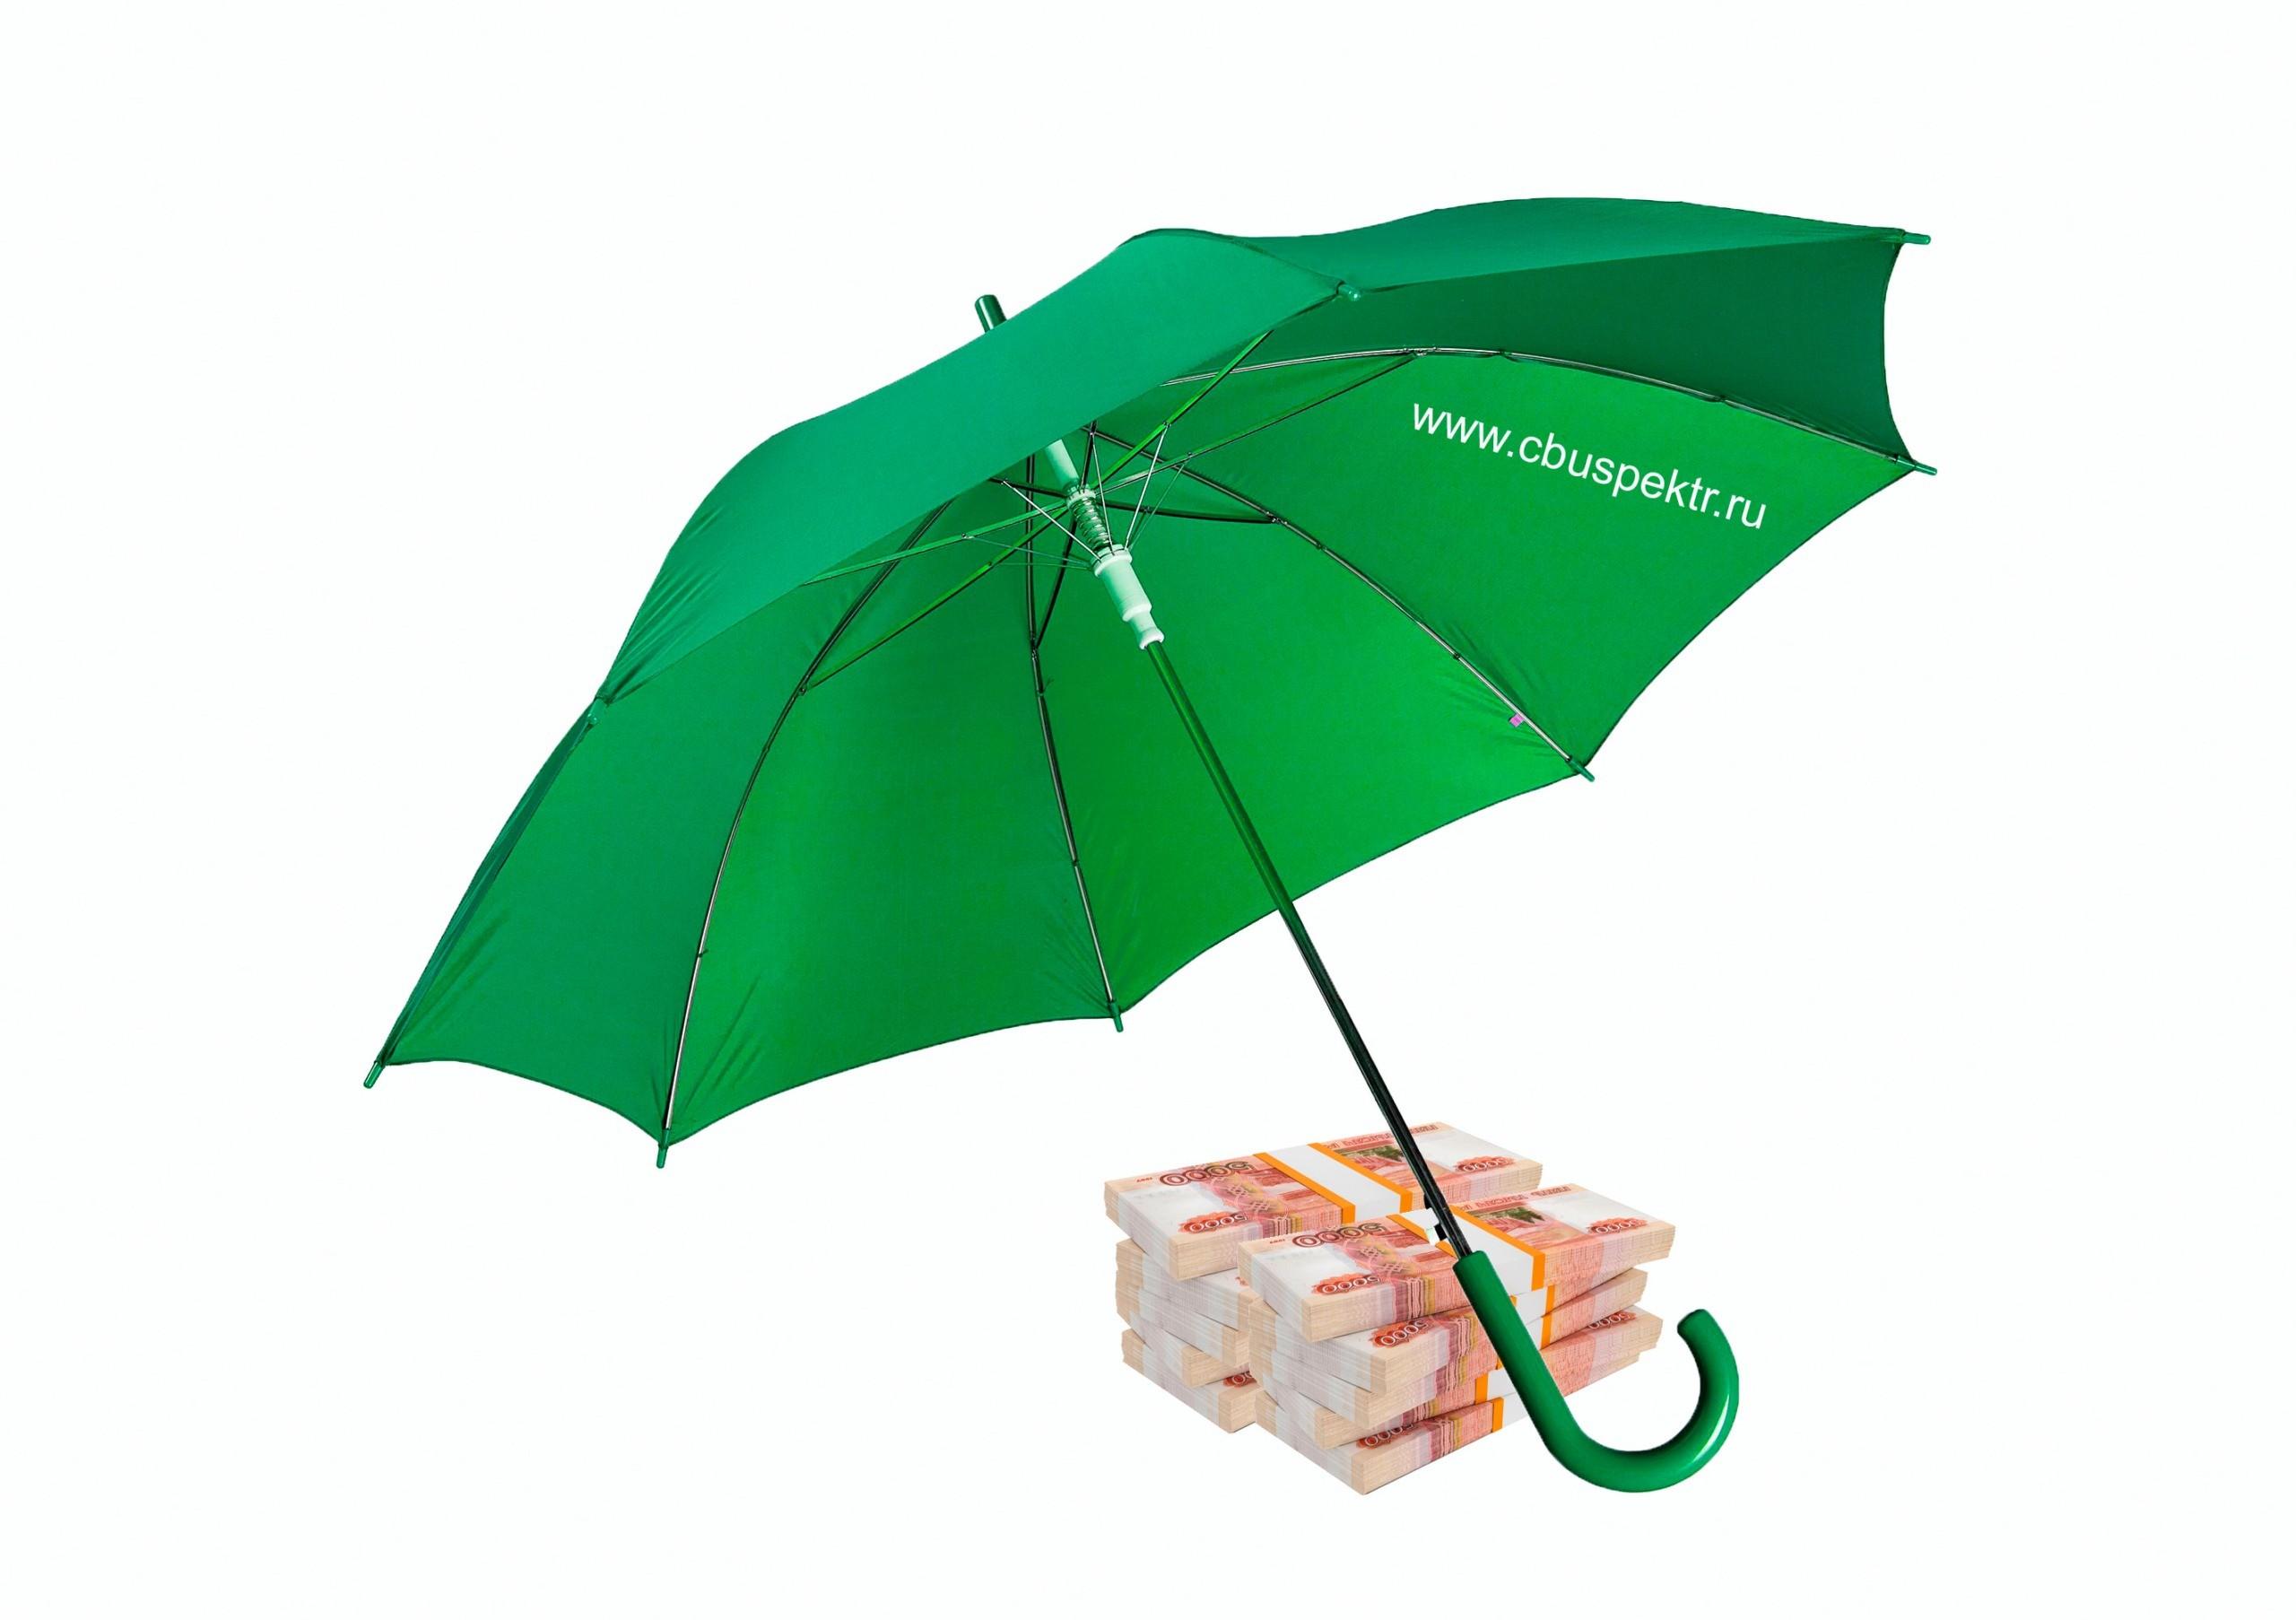 Деньги под зонтиком